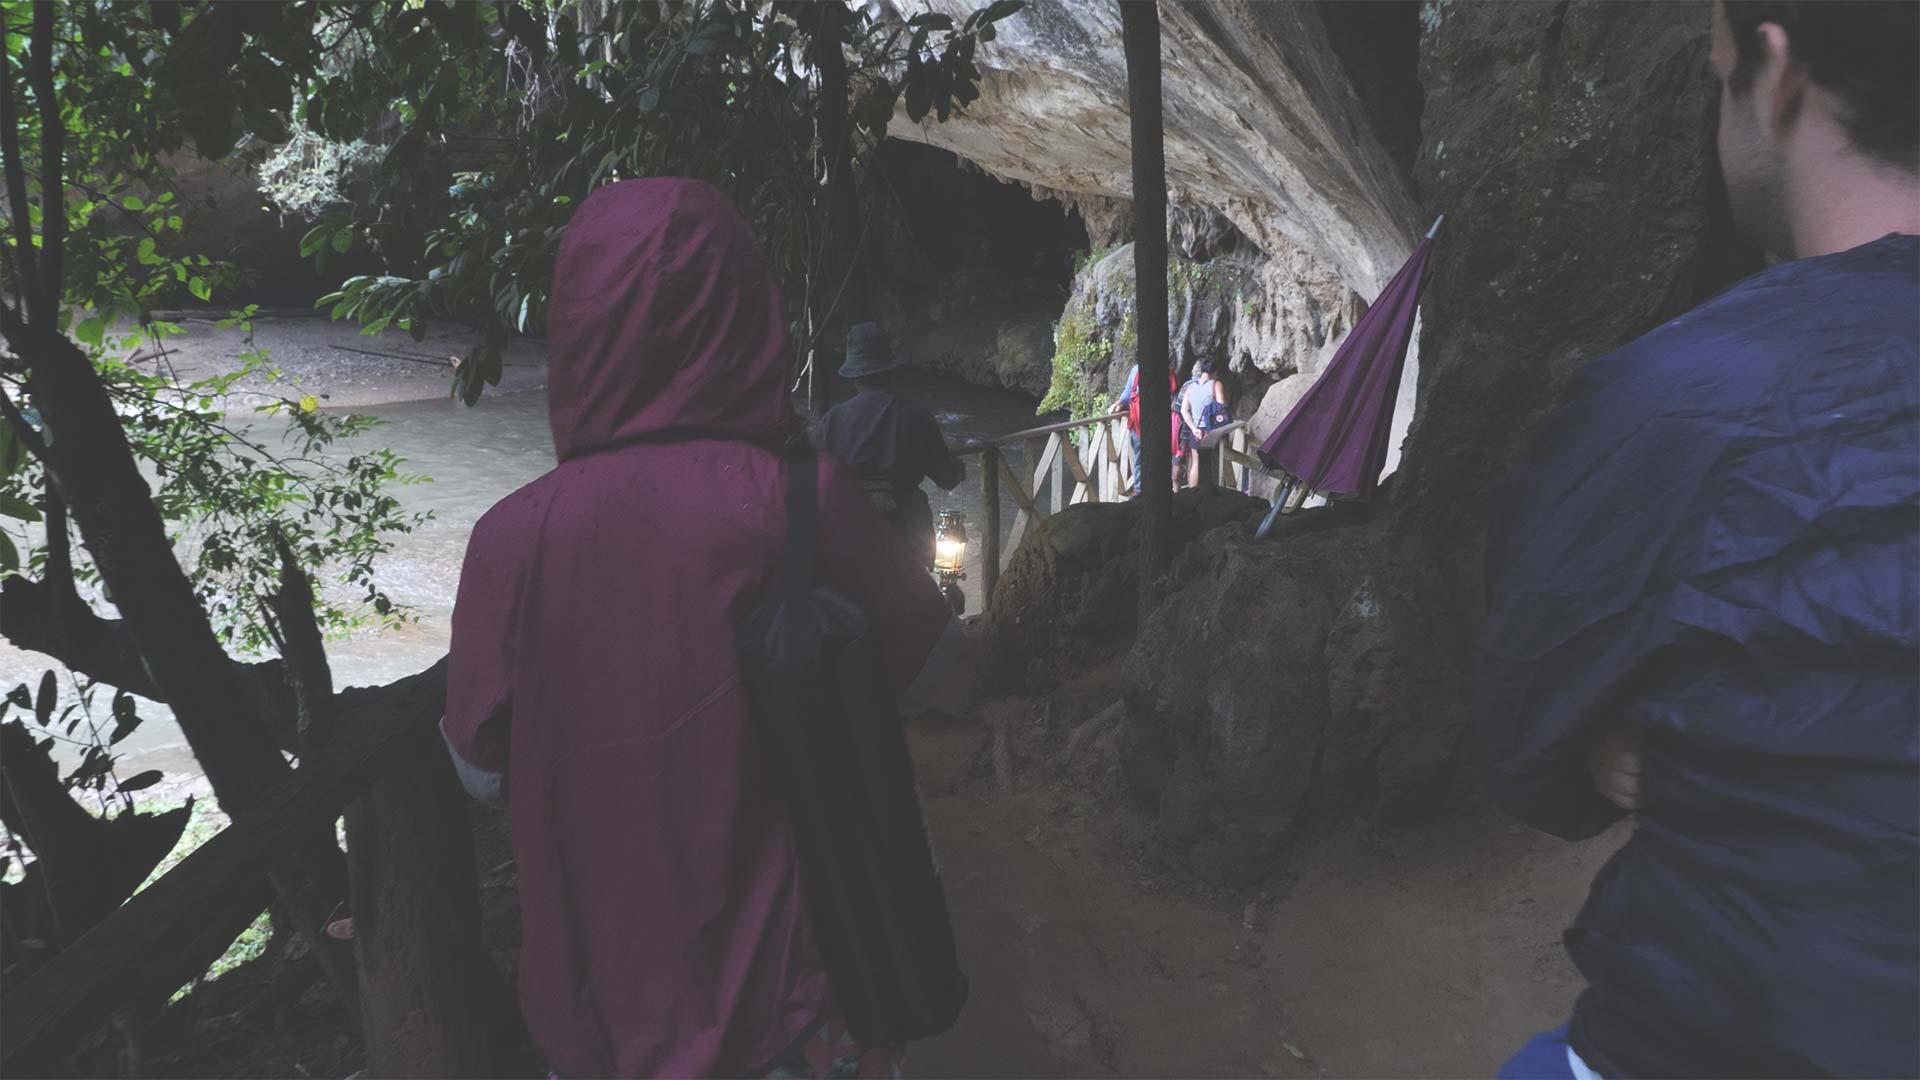 Lod Cave Trip - Eingang der Tropfsteinhöhle mit Guide und Lampe